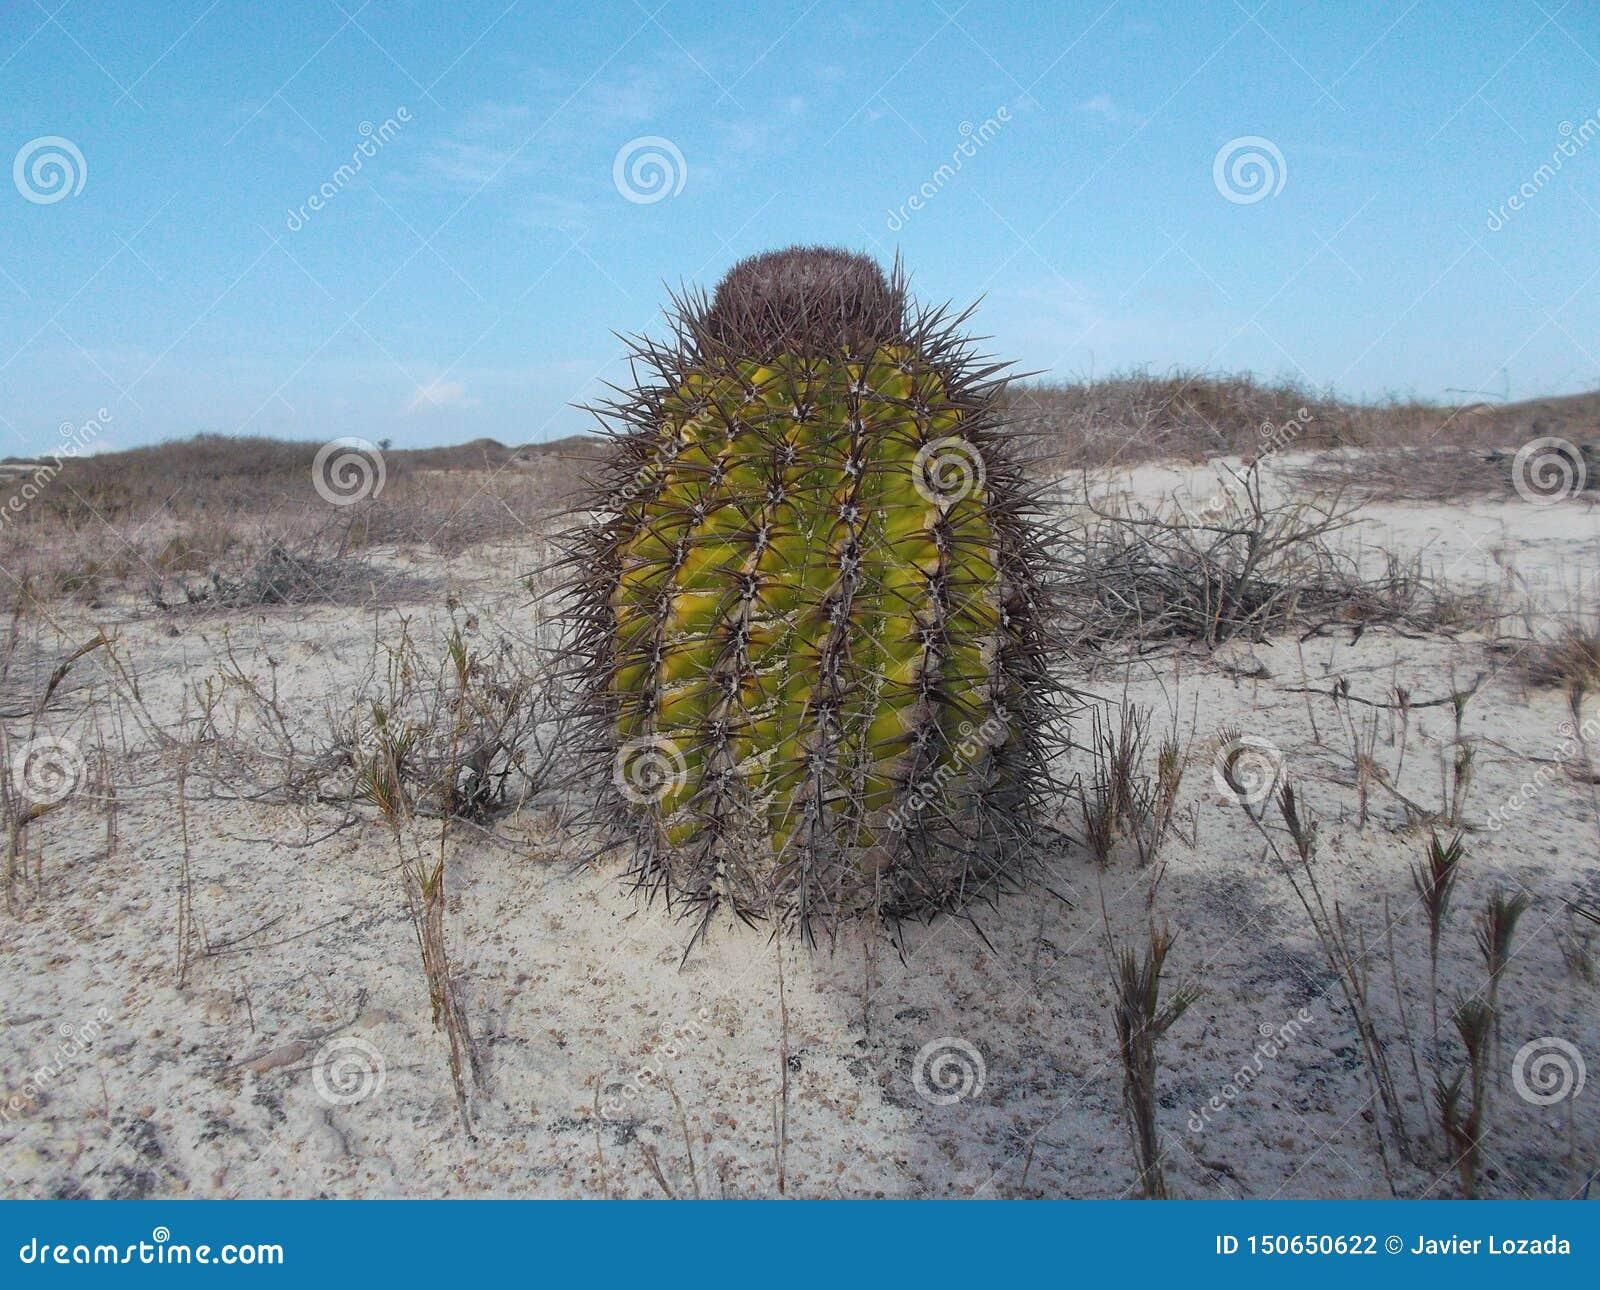 Verschiedene Arten, Spezies und Klassen des Kaktus und seiner Bearbeitung